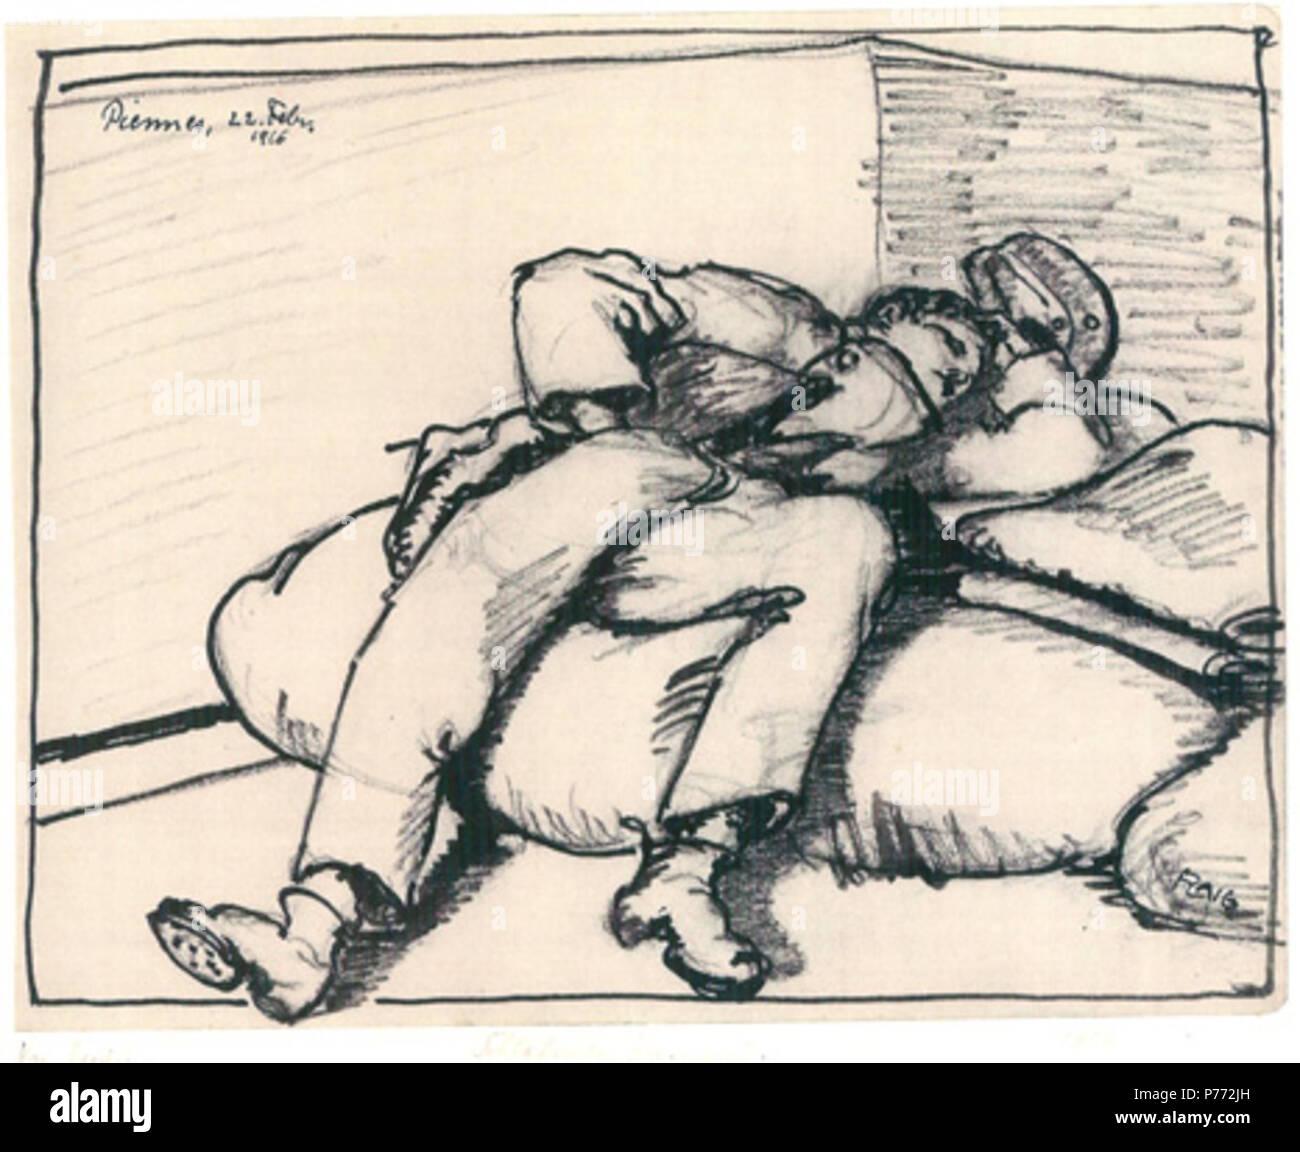 Zeichnung aus dem Kriegstagebuch von Waldemar Flaig (1. Weltkrieg) Blatt 11, Schlafender Kamerad, 1916 . 1916 9 Flaig Kriegstagebuch Blatt 11 Schlafender Kamerad 1916 - Stock Image